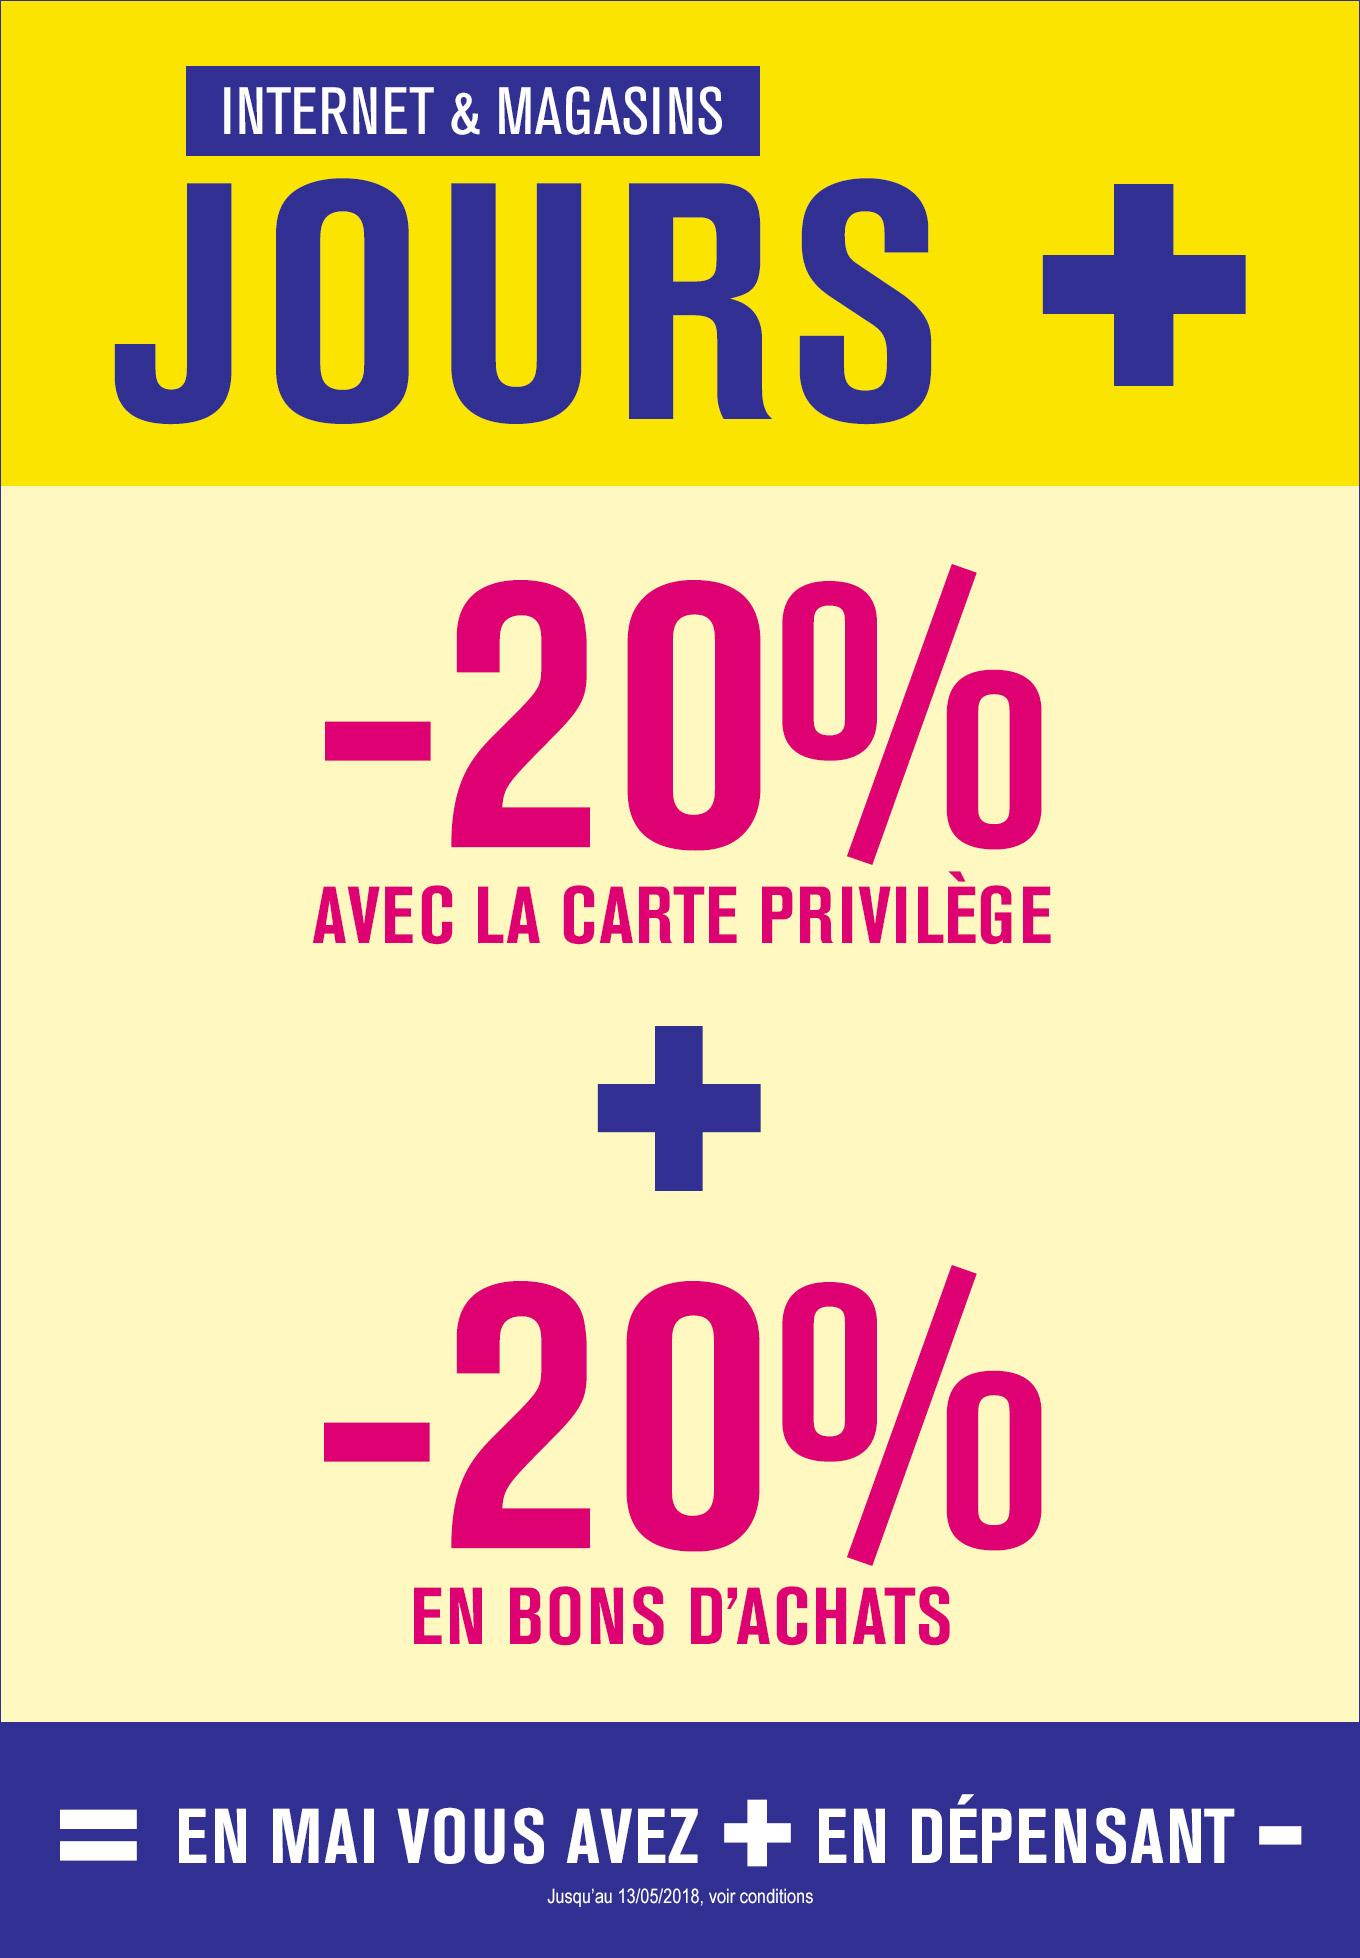 Les jours+, profitez de -20% avec la Carte Privilège + 20% en bons d'achats ! Jusqu'au 13/05/2018 sur internet et en magasins. Voir conditions